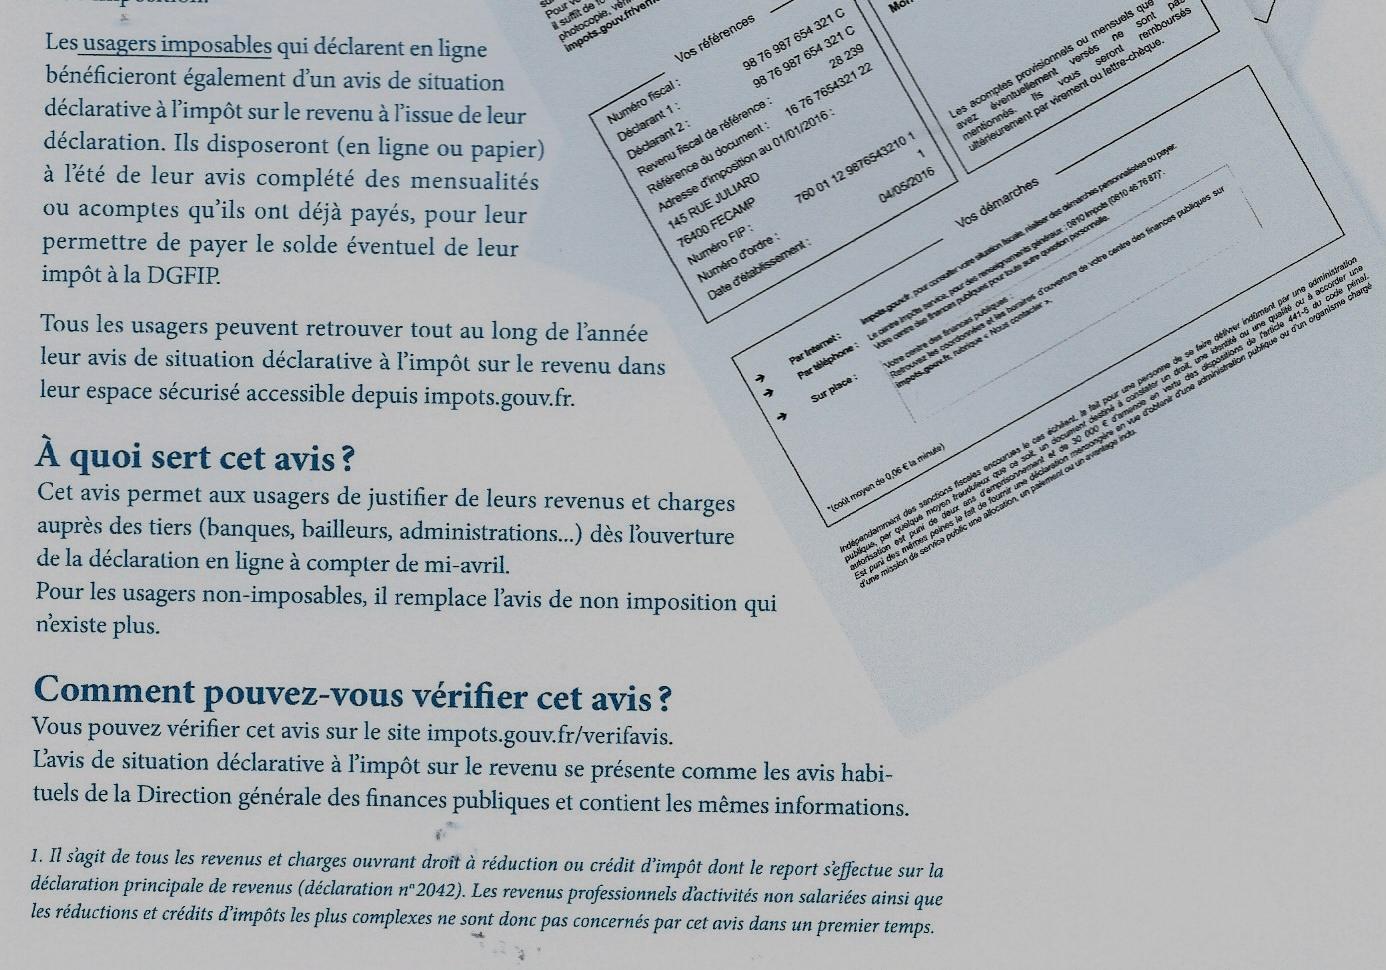 Notre Dame D Oe Finances Publiques L Avis De Situation Declarative